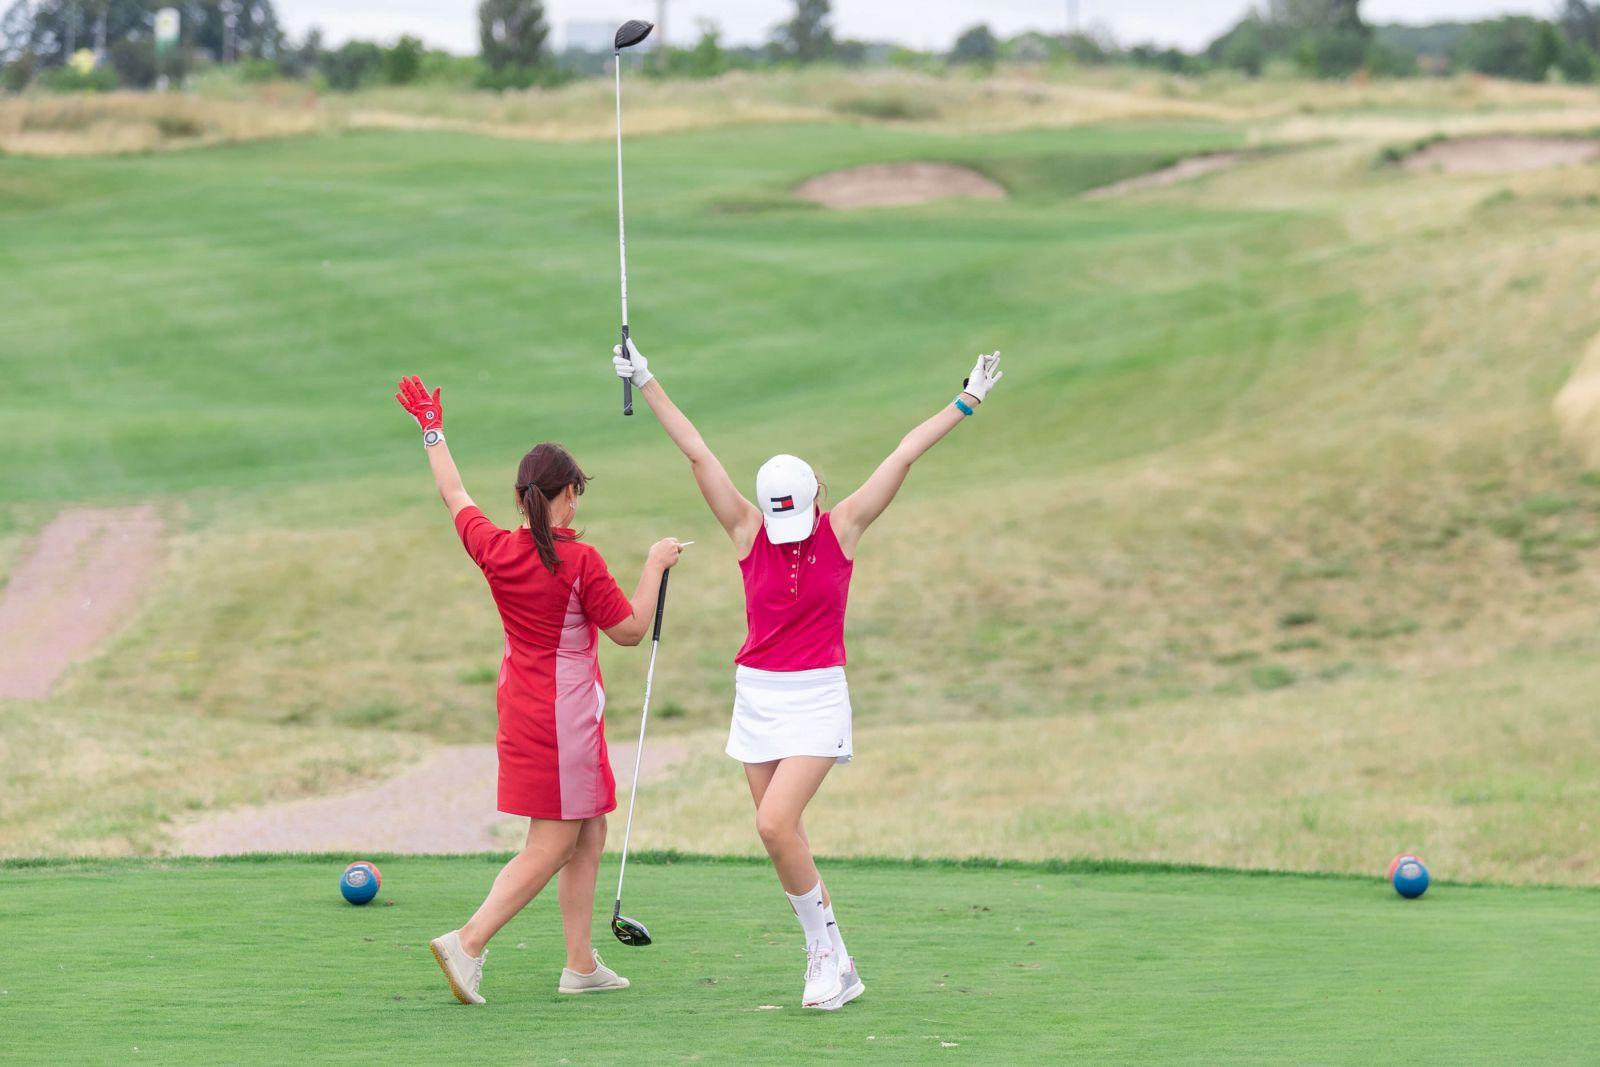 В Харькове состоялся Турнир по гольфу среди женщин